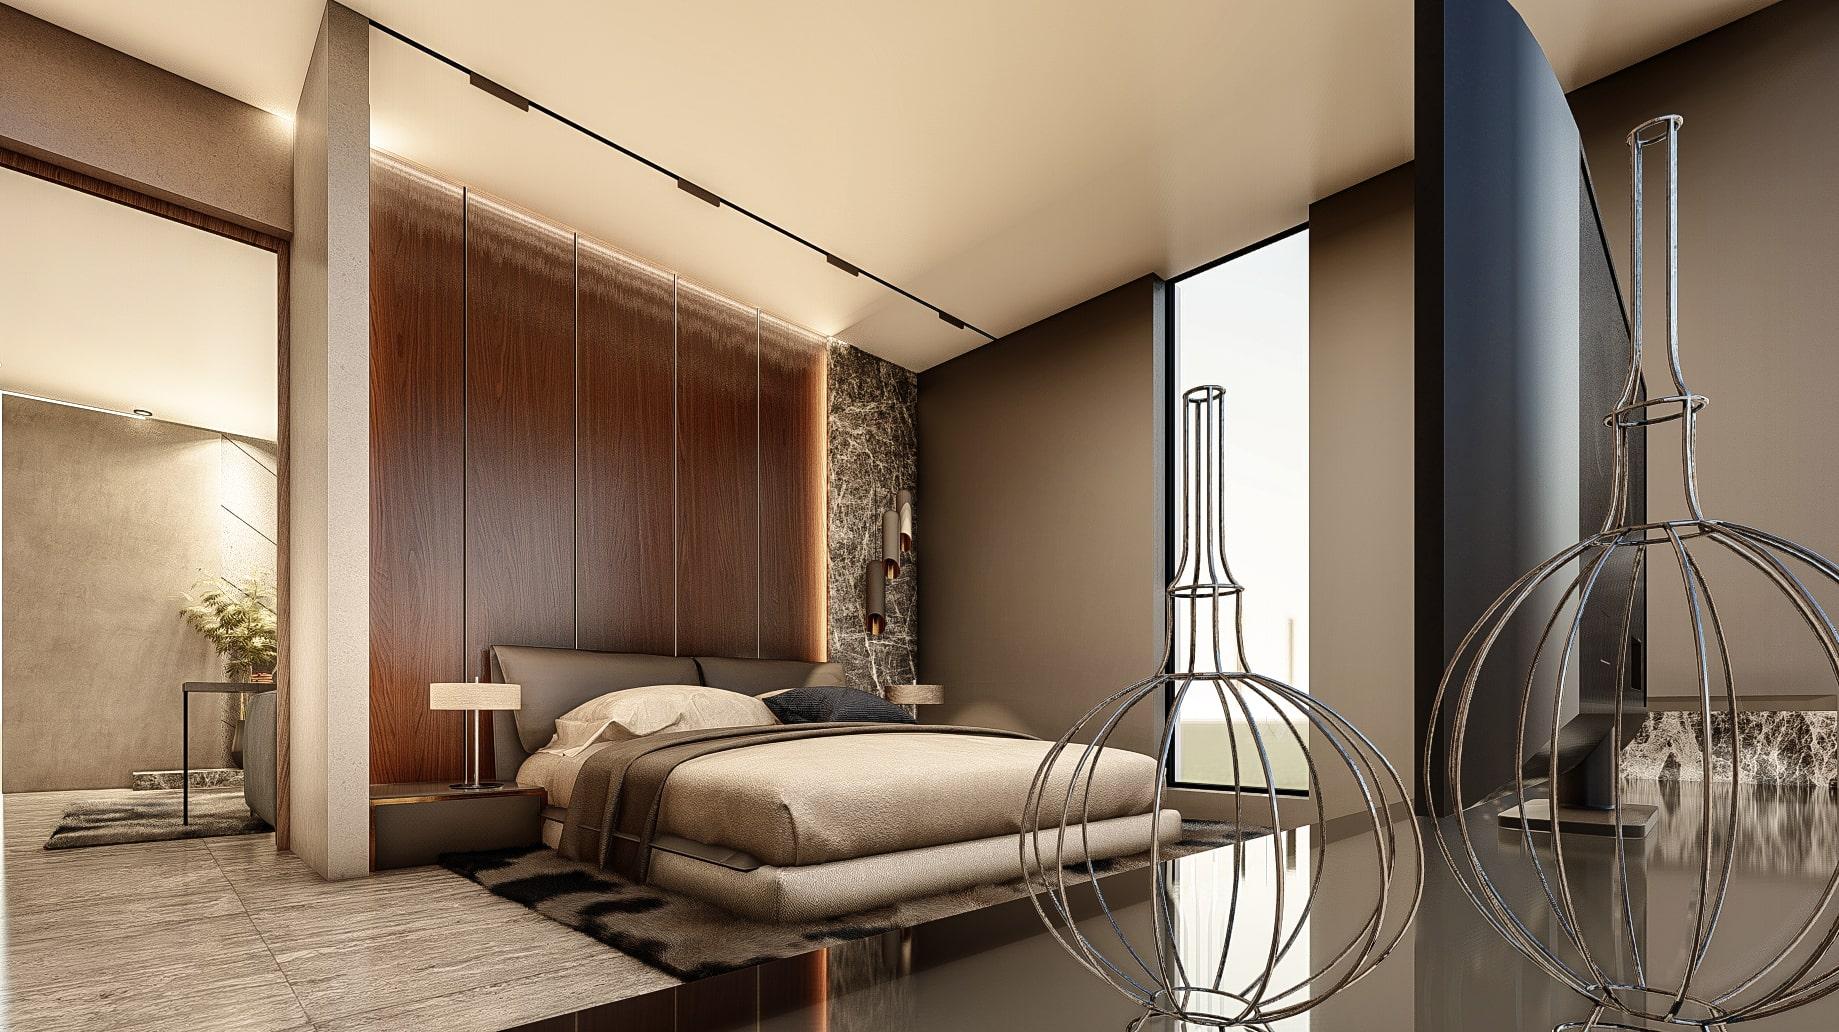 H&S HOTELS BEDROOM 2